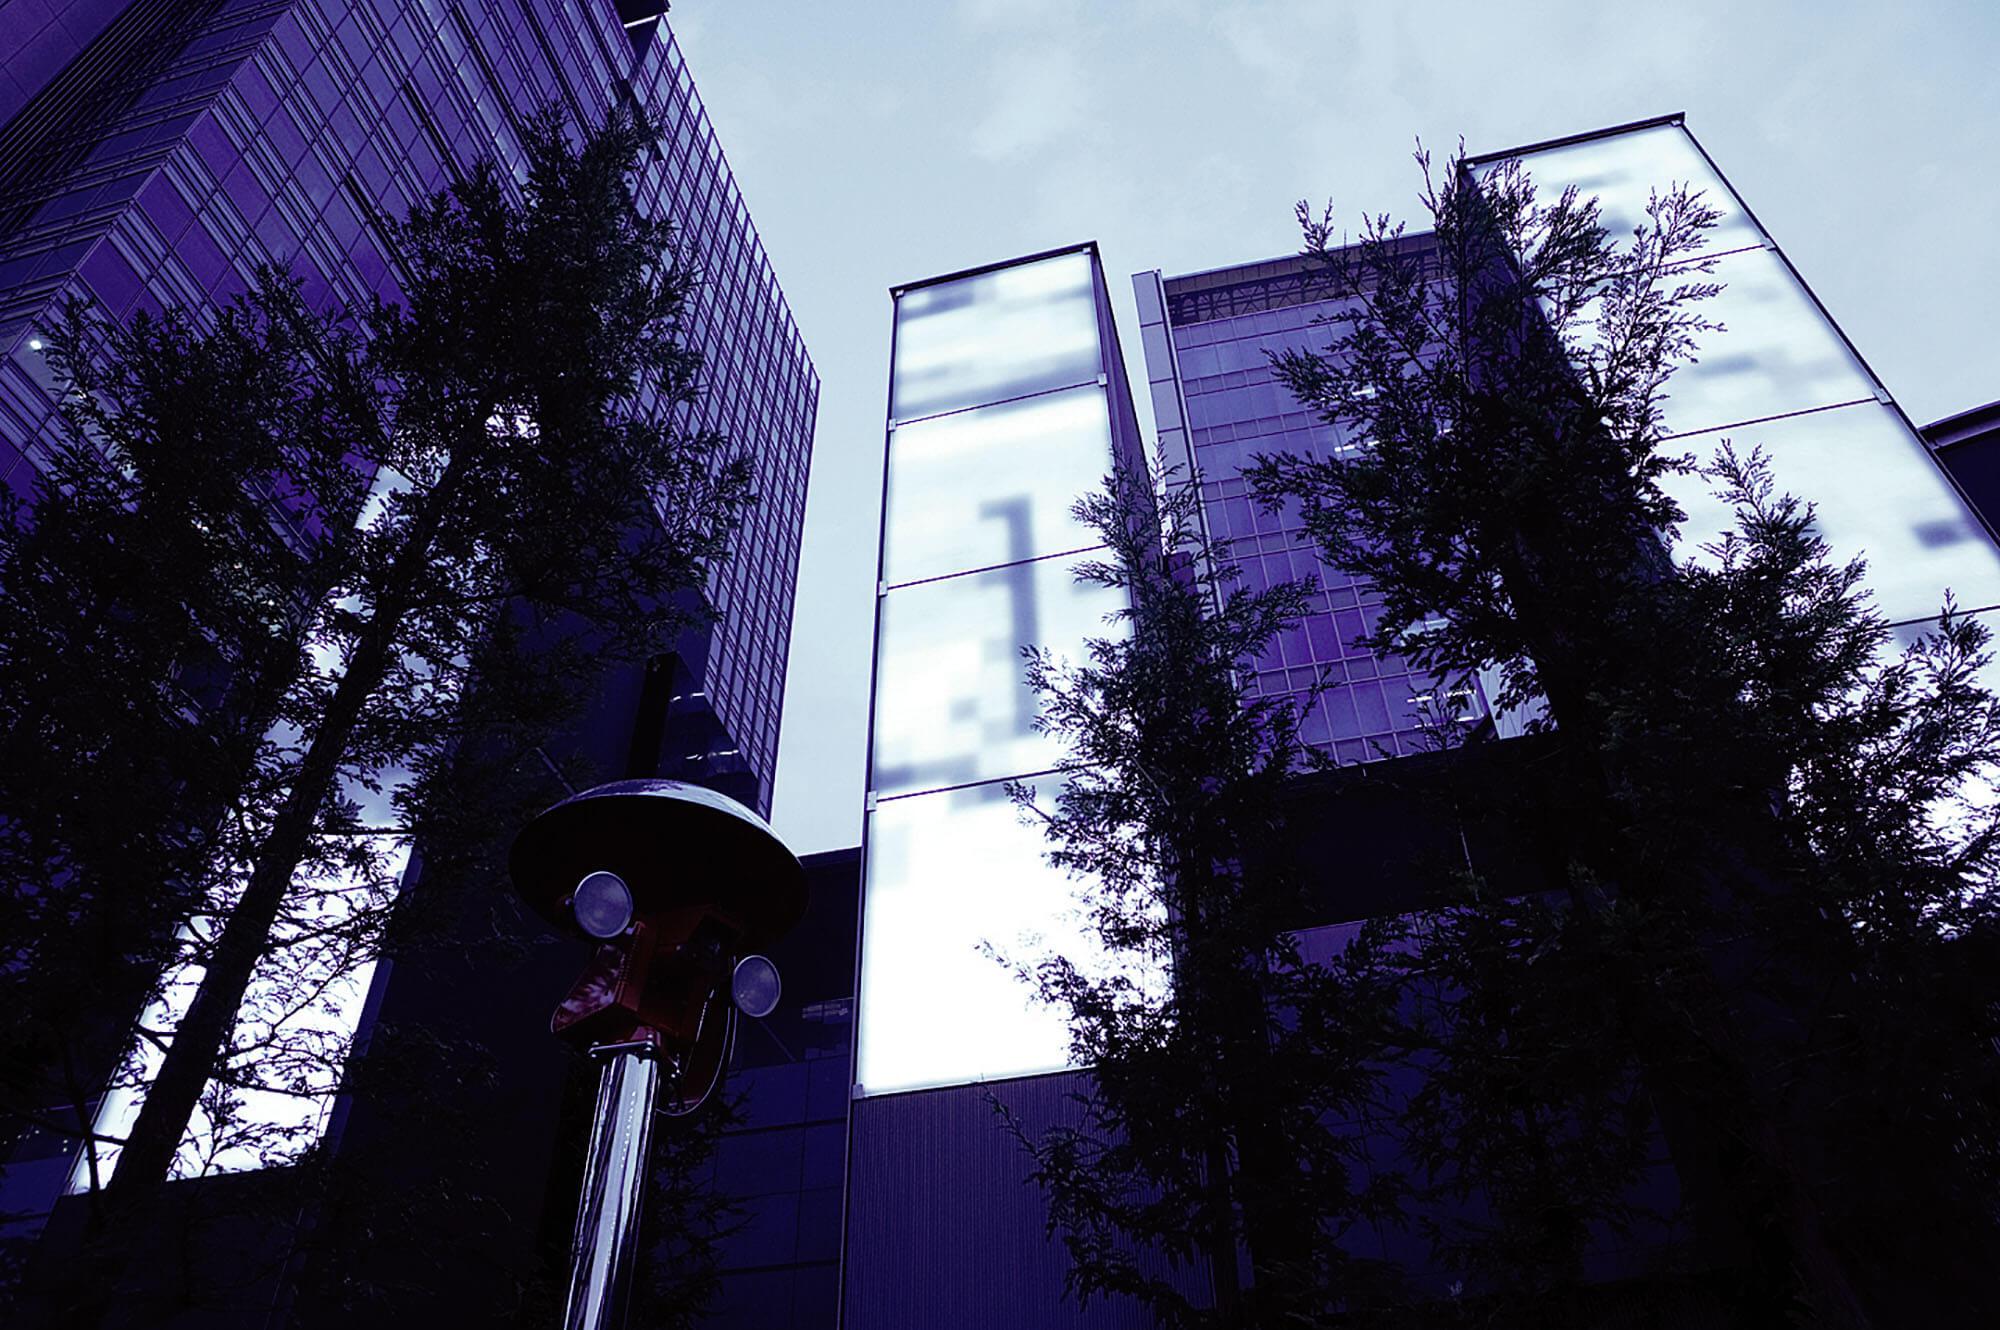 クリスチャン・メラー ノジー 現代美術 Contemporary Art